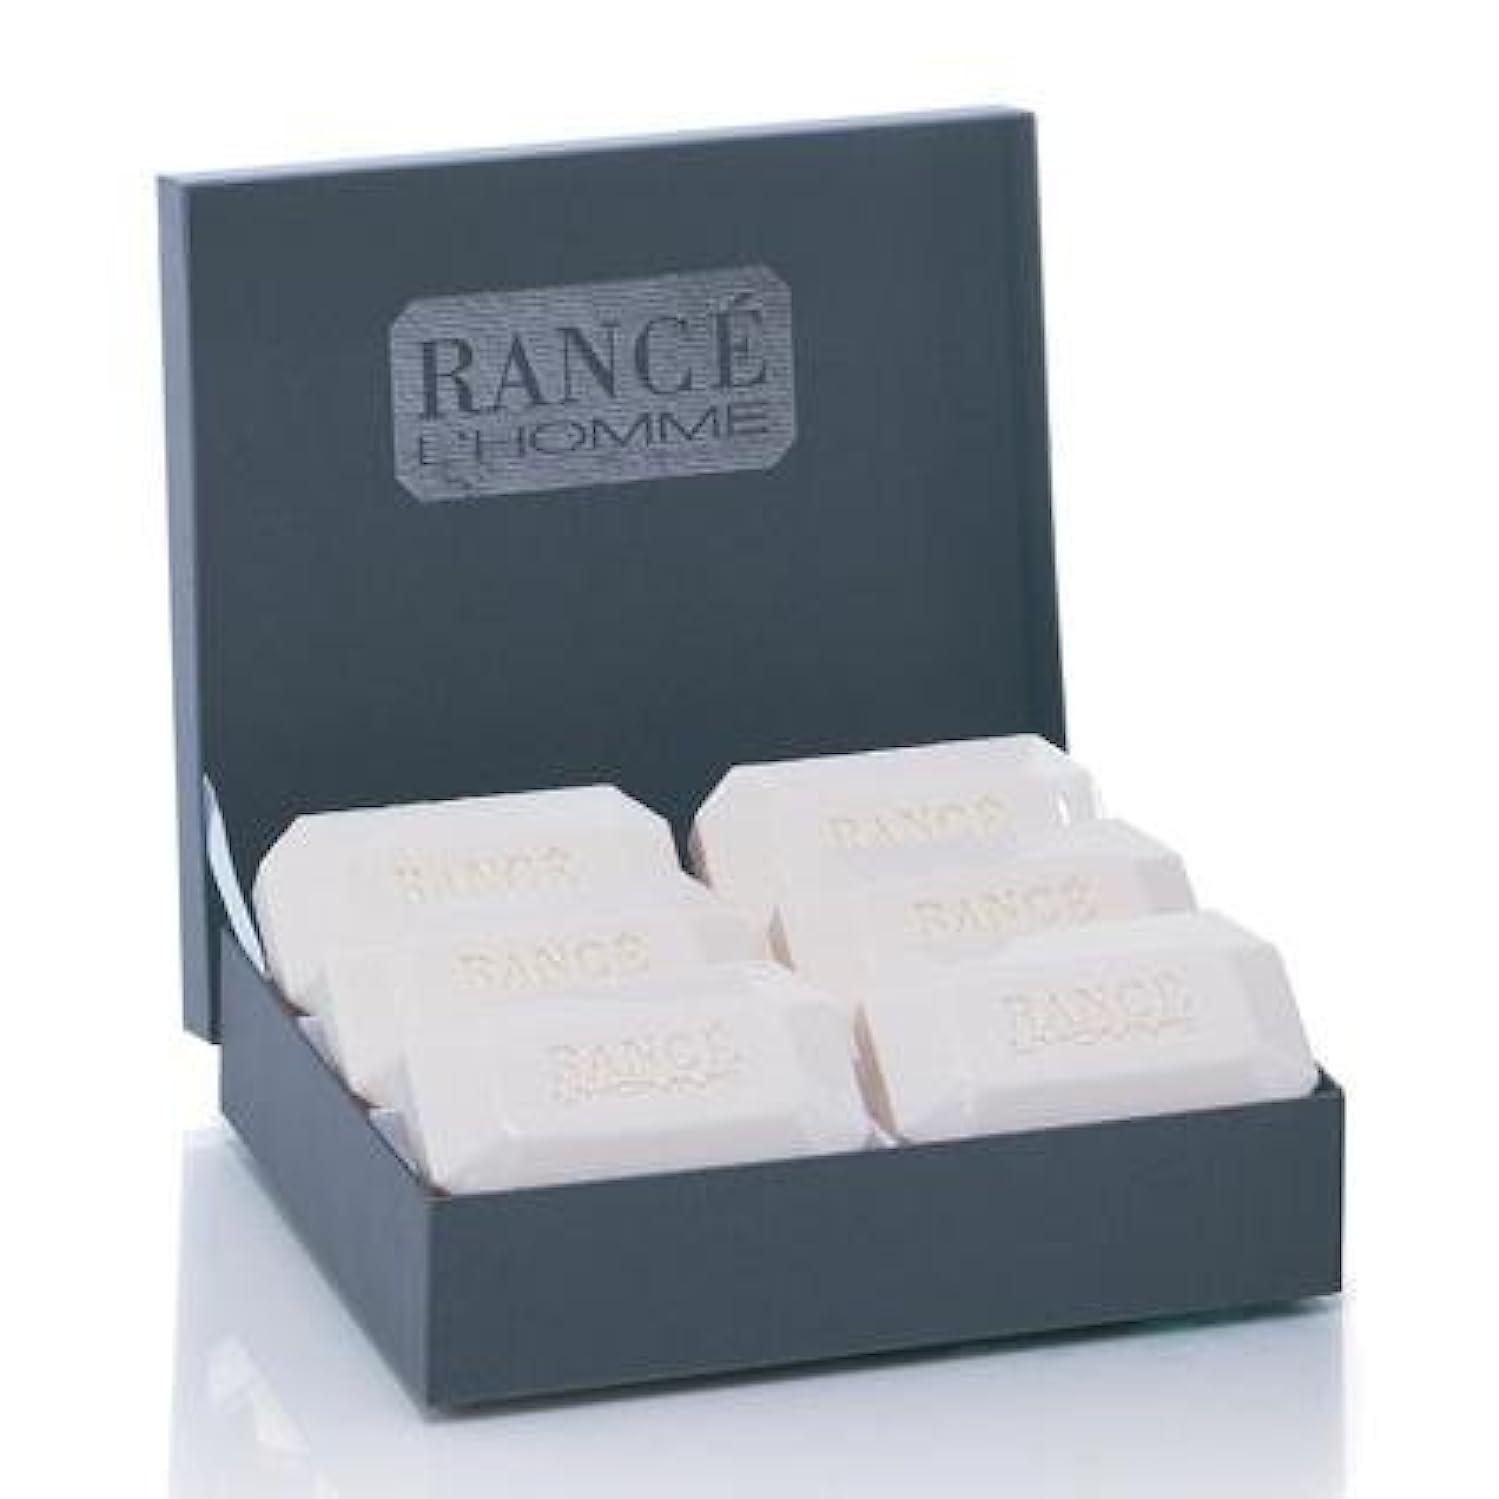 適合する餌天皇Rancé L'Homme Soapbox(ランセ ロム ソープボックス)6 x 100g [並行輸入品]